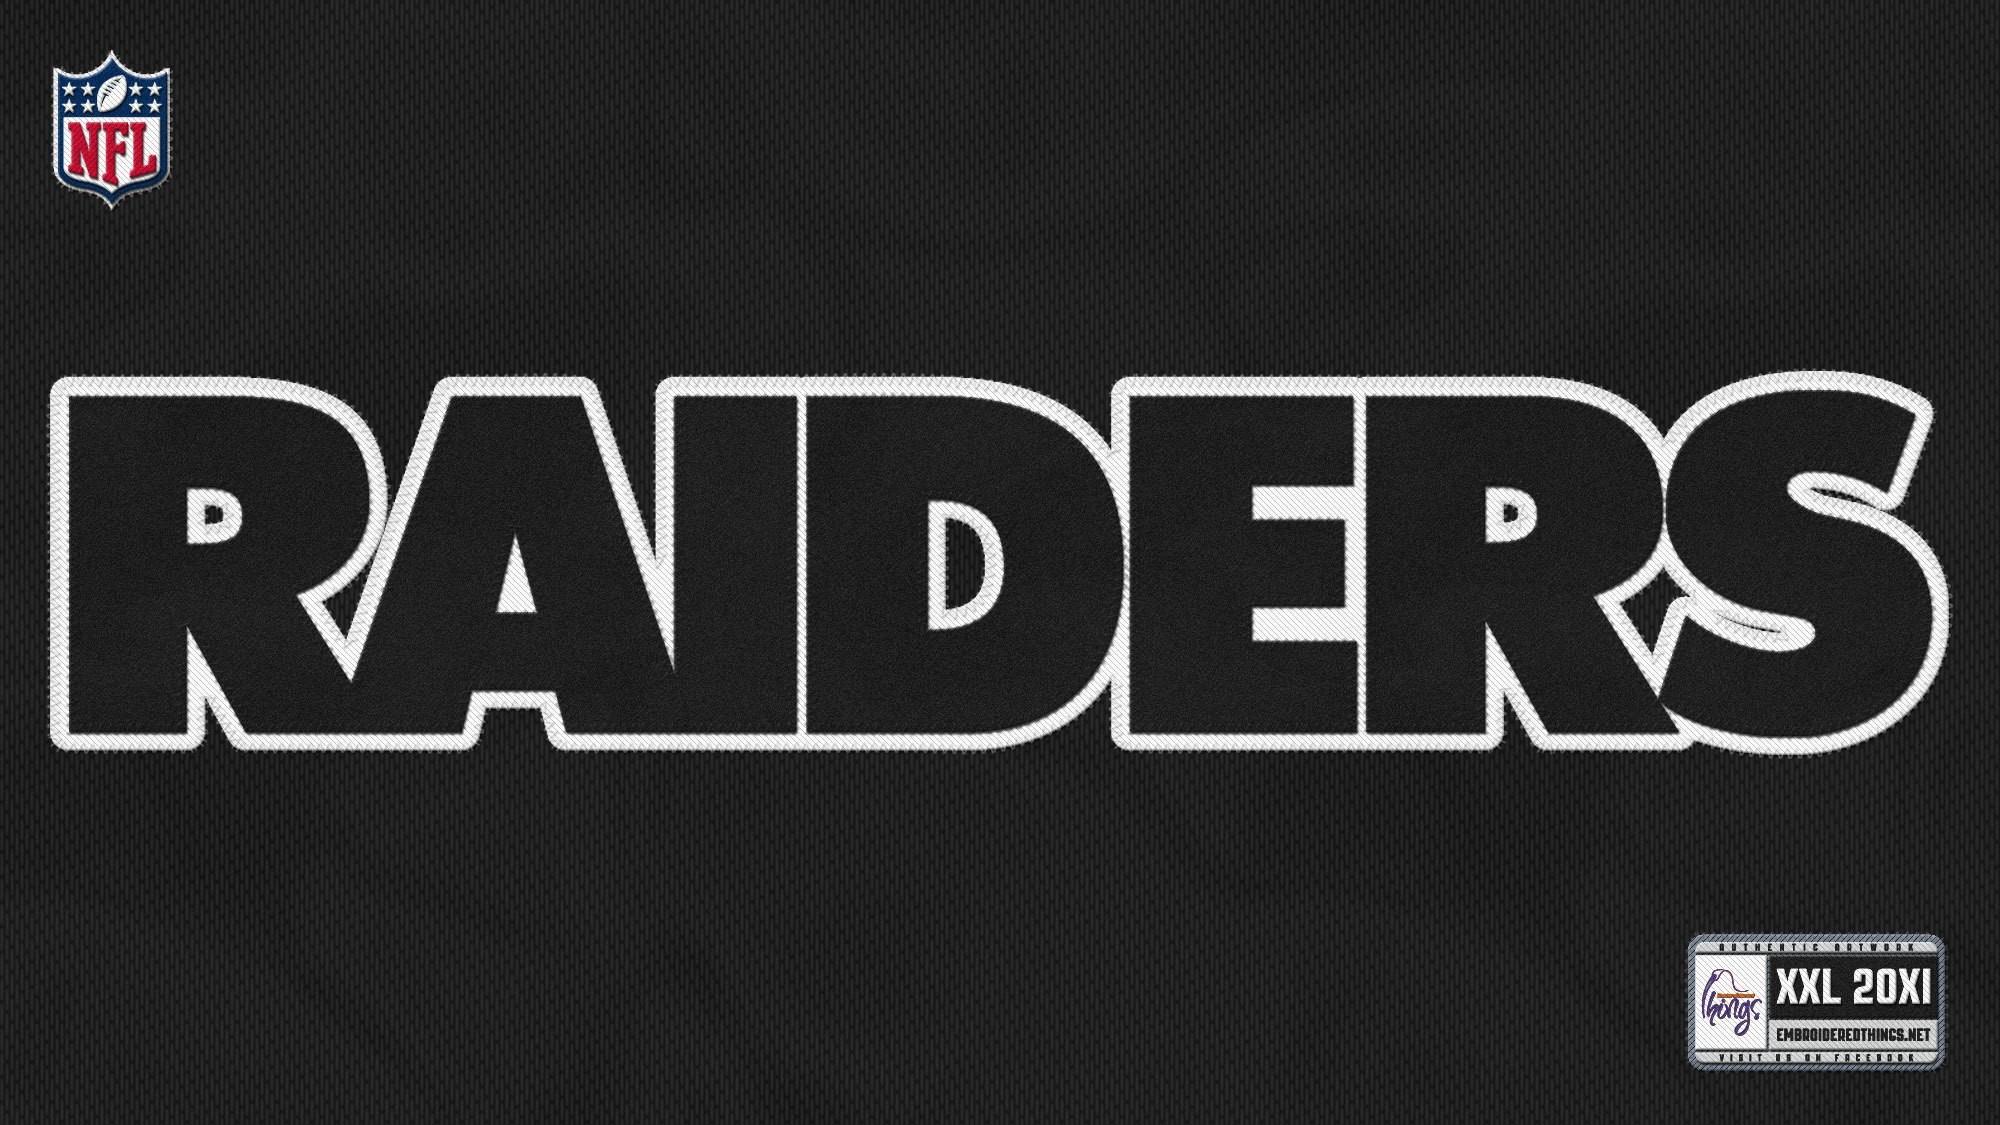 … Oakland Raiders Wallpaper Wallpapers. Raider Wallpaper For Desktop  Wallpapersafari